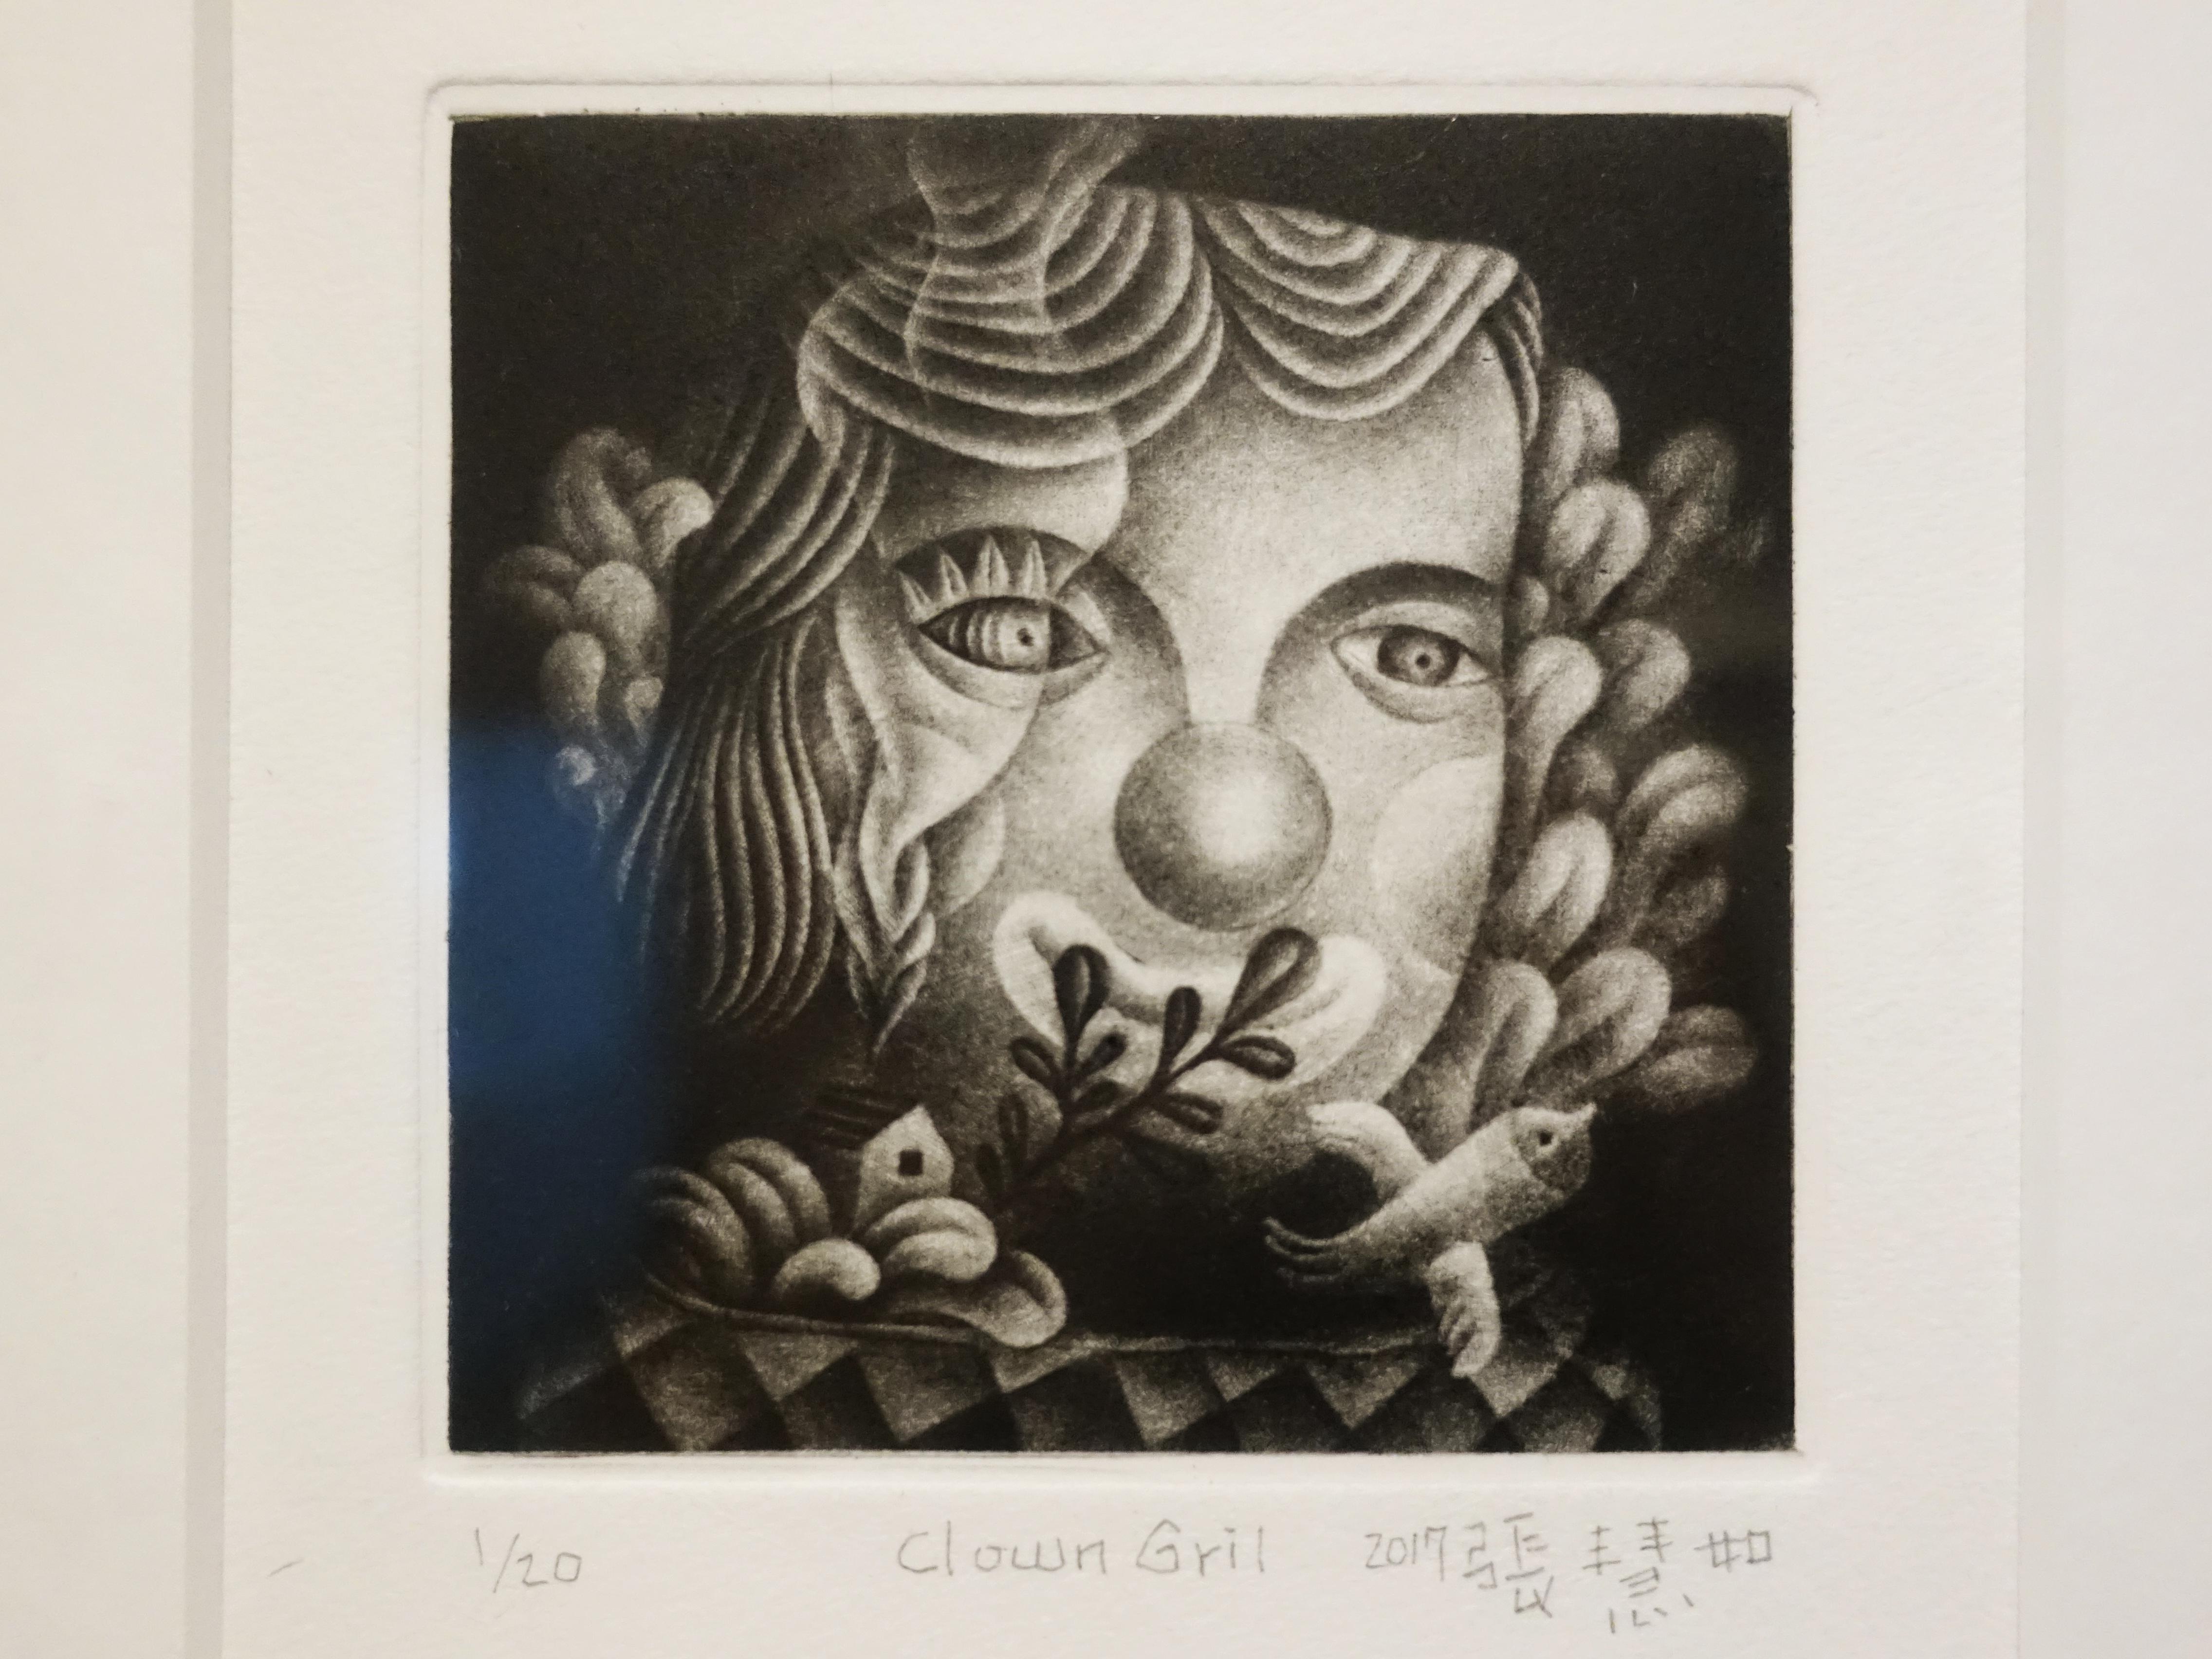 張慧如,《Clown Girl》細節,10 x 10 cm,美柔丁1/20,2019。